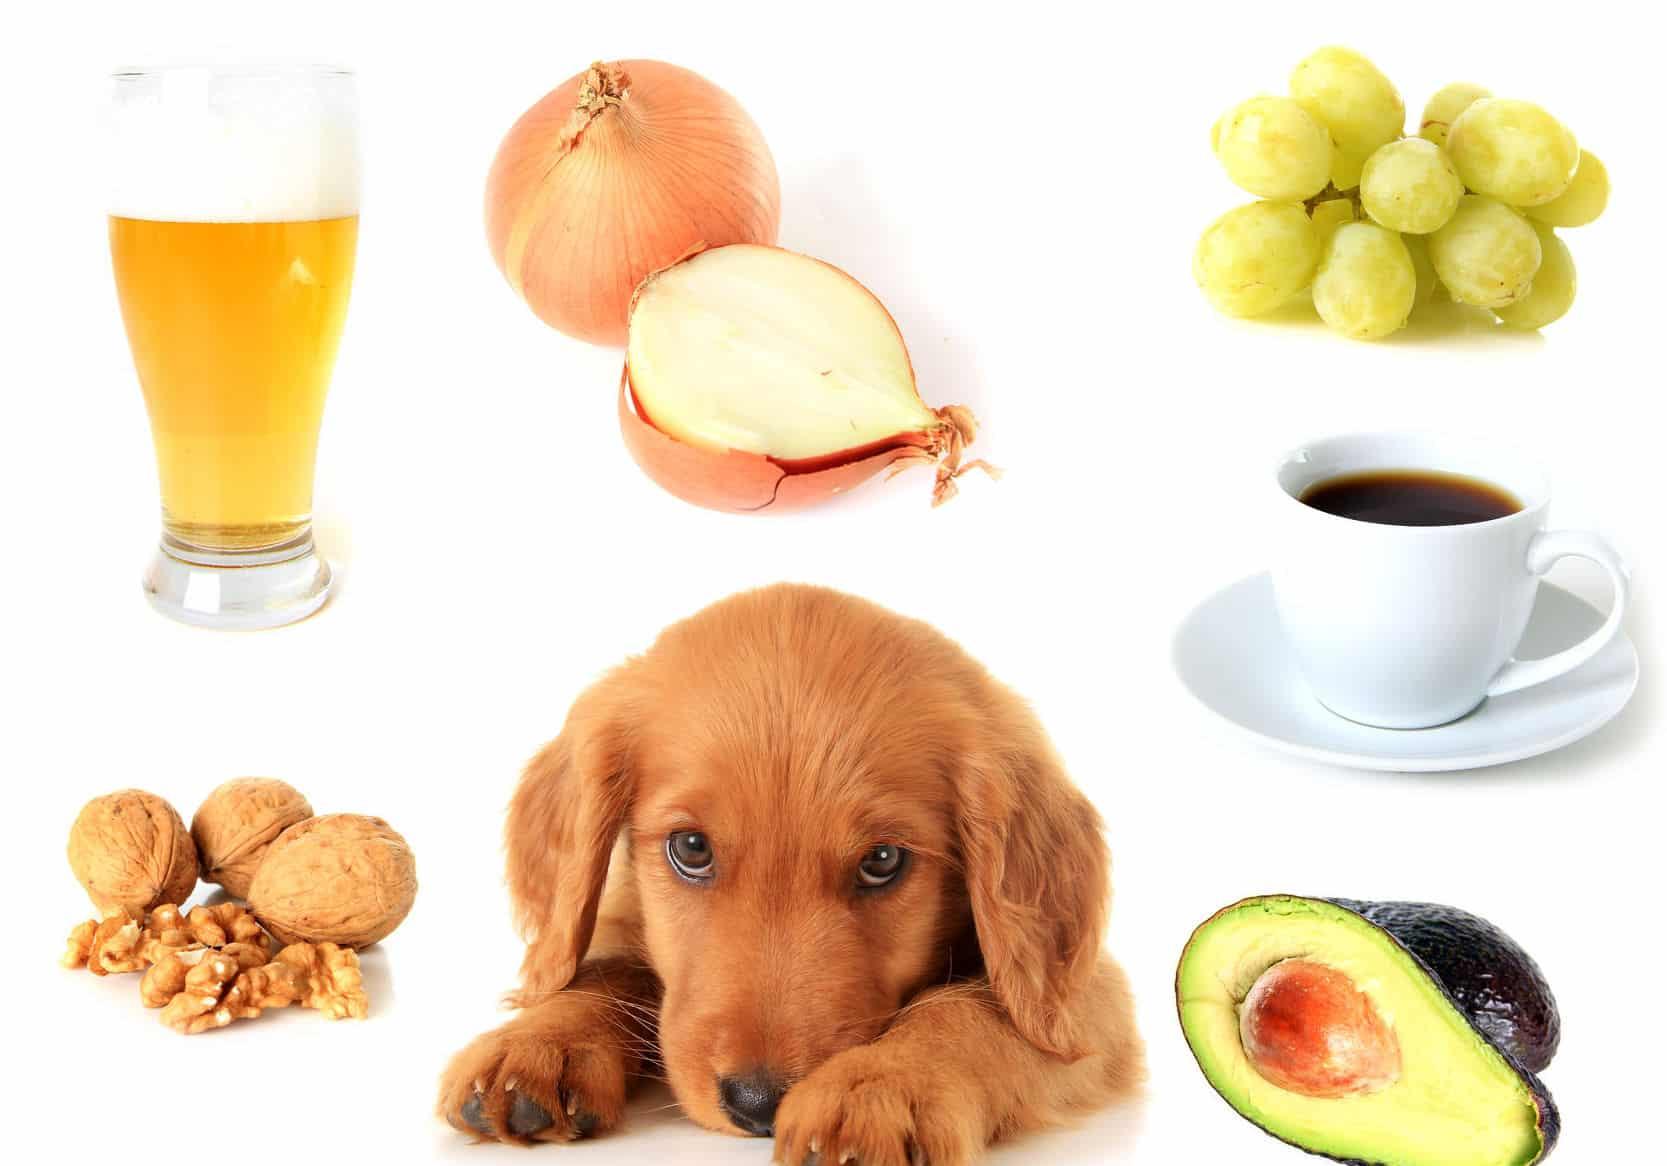 犬が玉ねぎを食べるとどうなる?という雑学